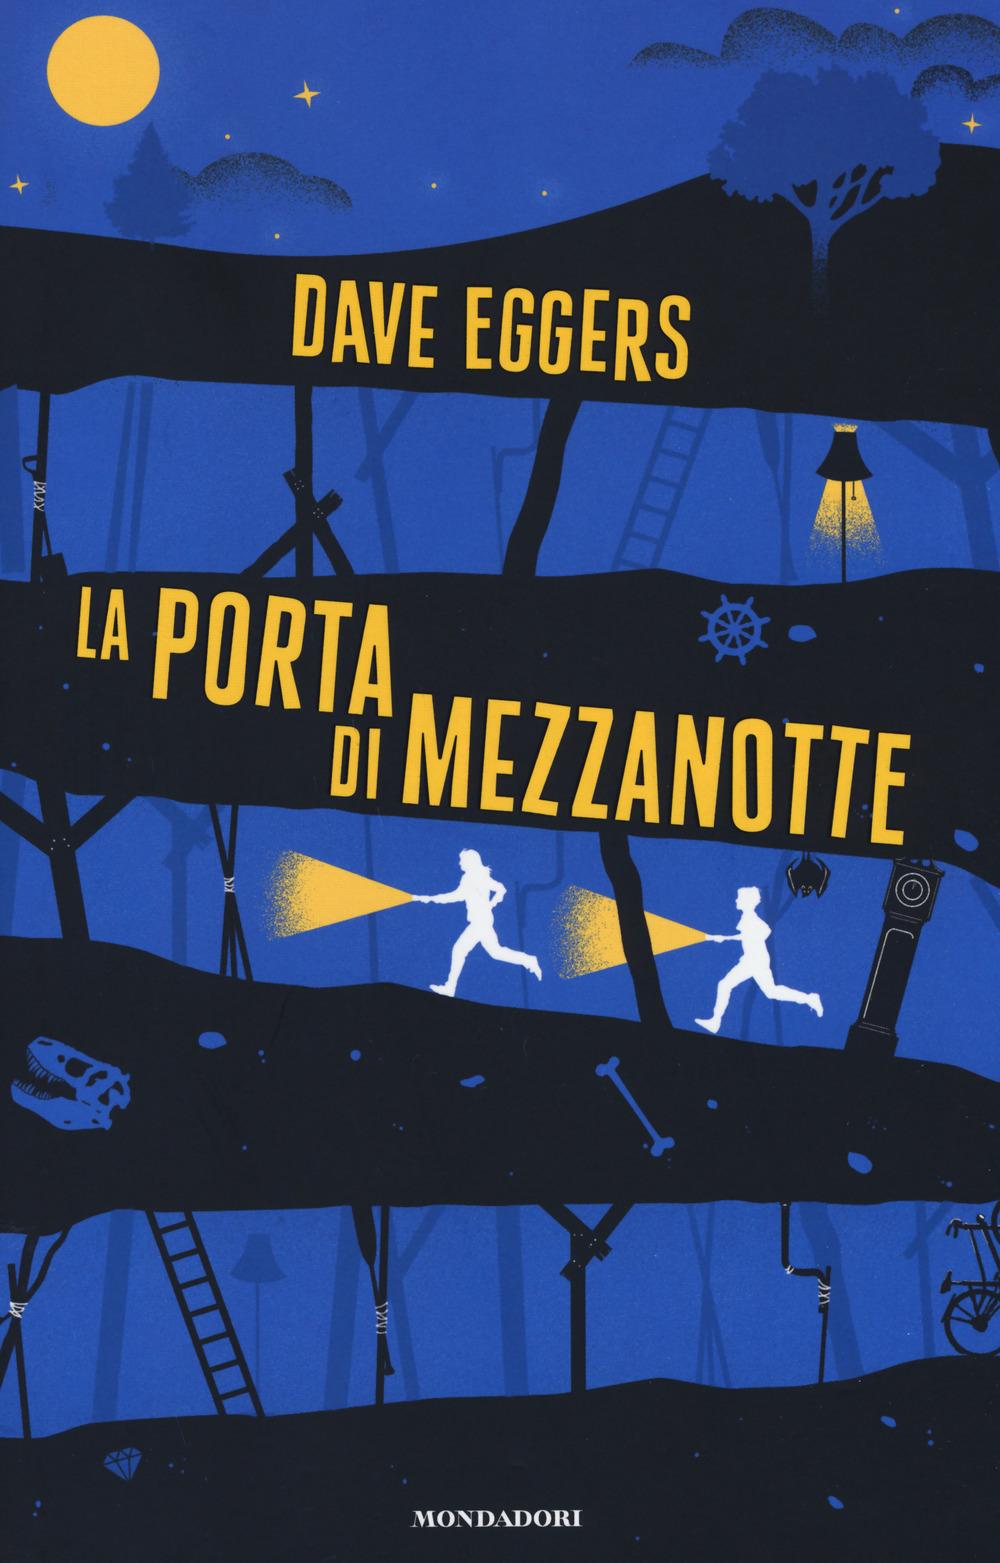 La porta di mezzanotte - Dave Eggers